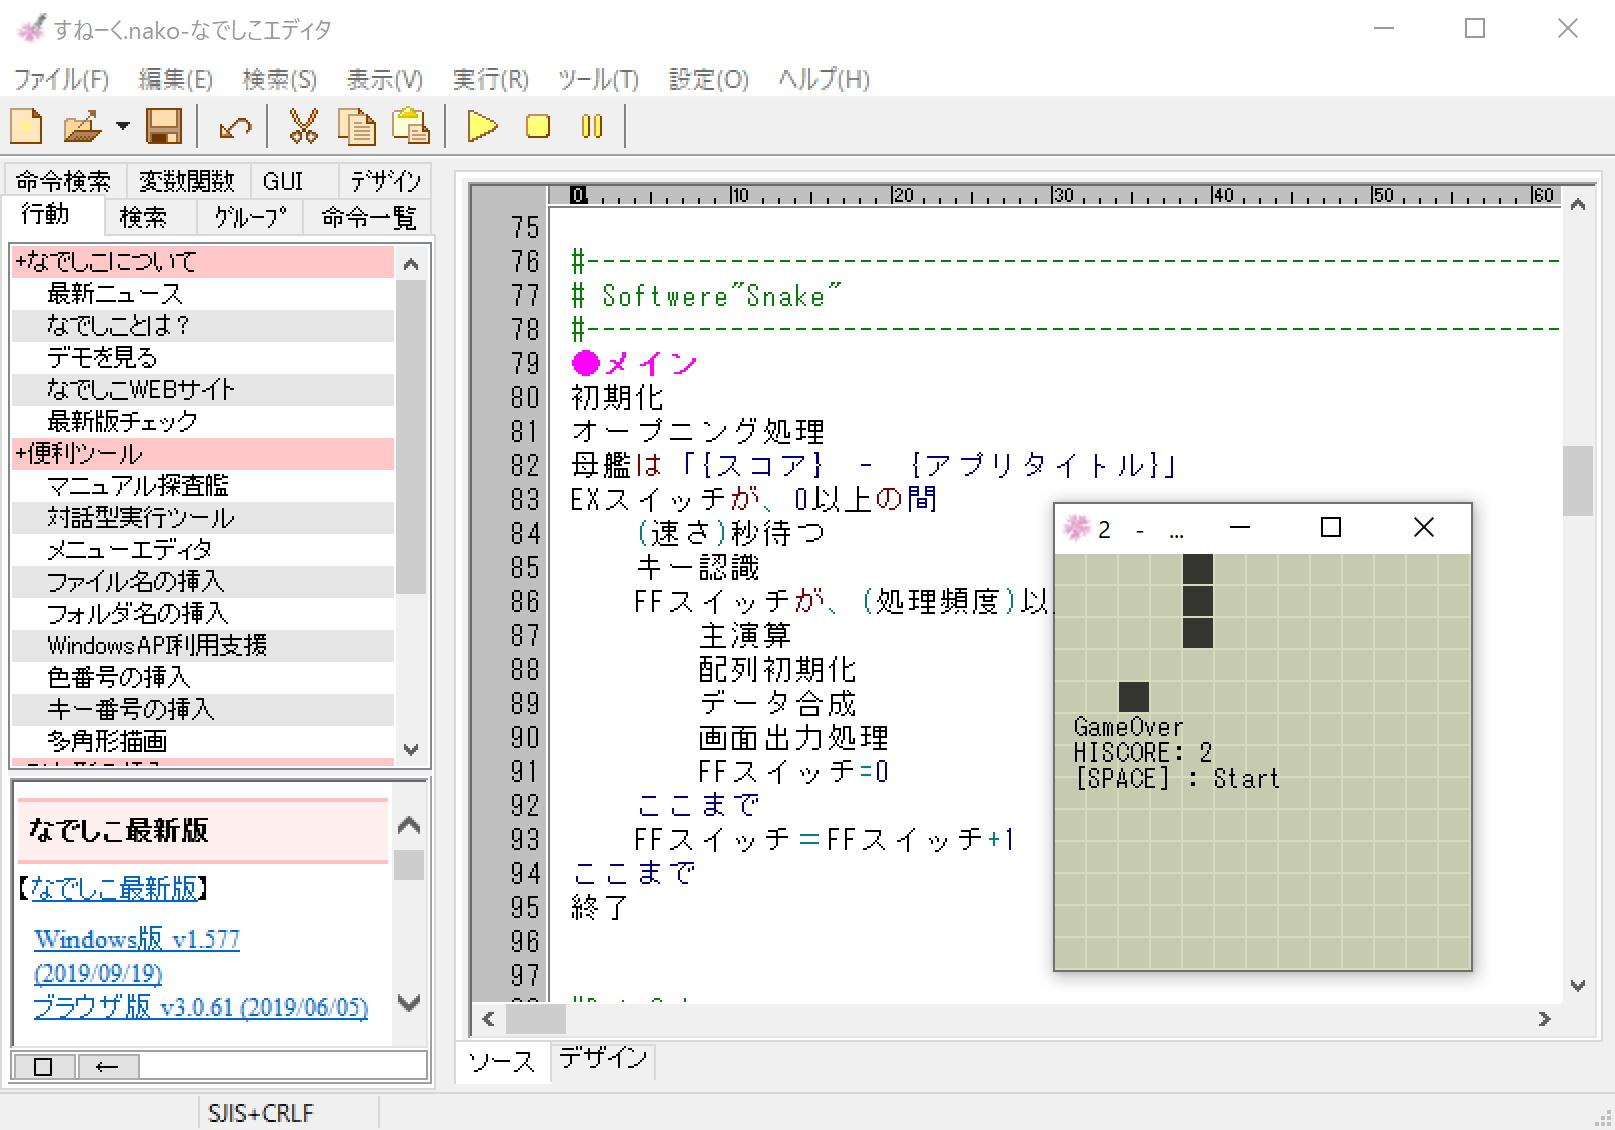 日本語で記述できるプログラム言語